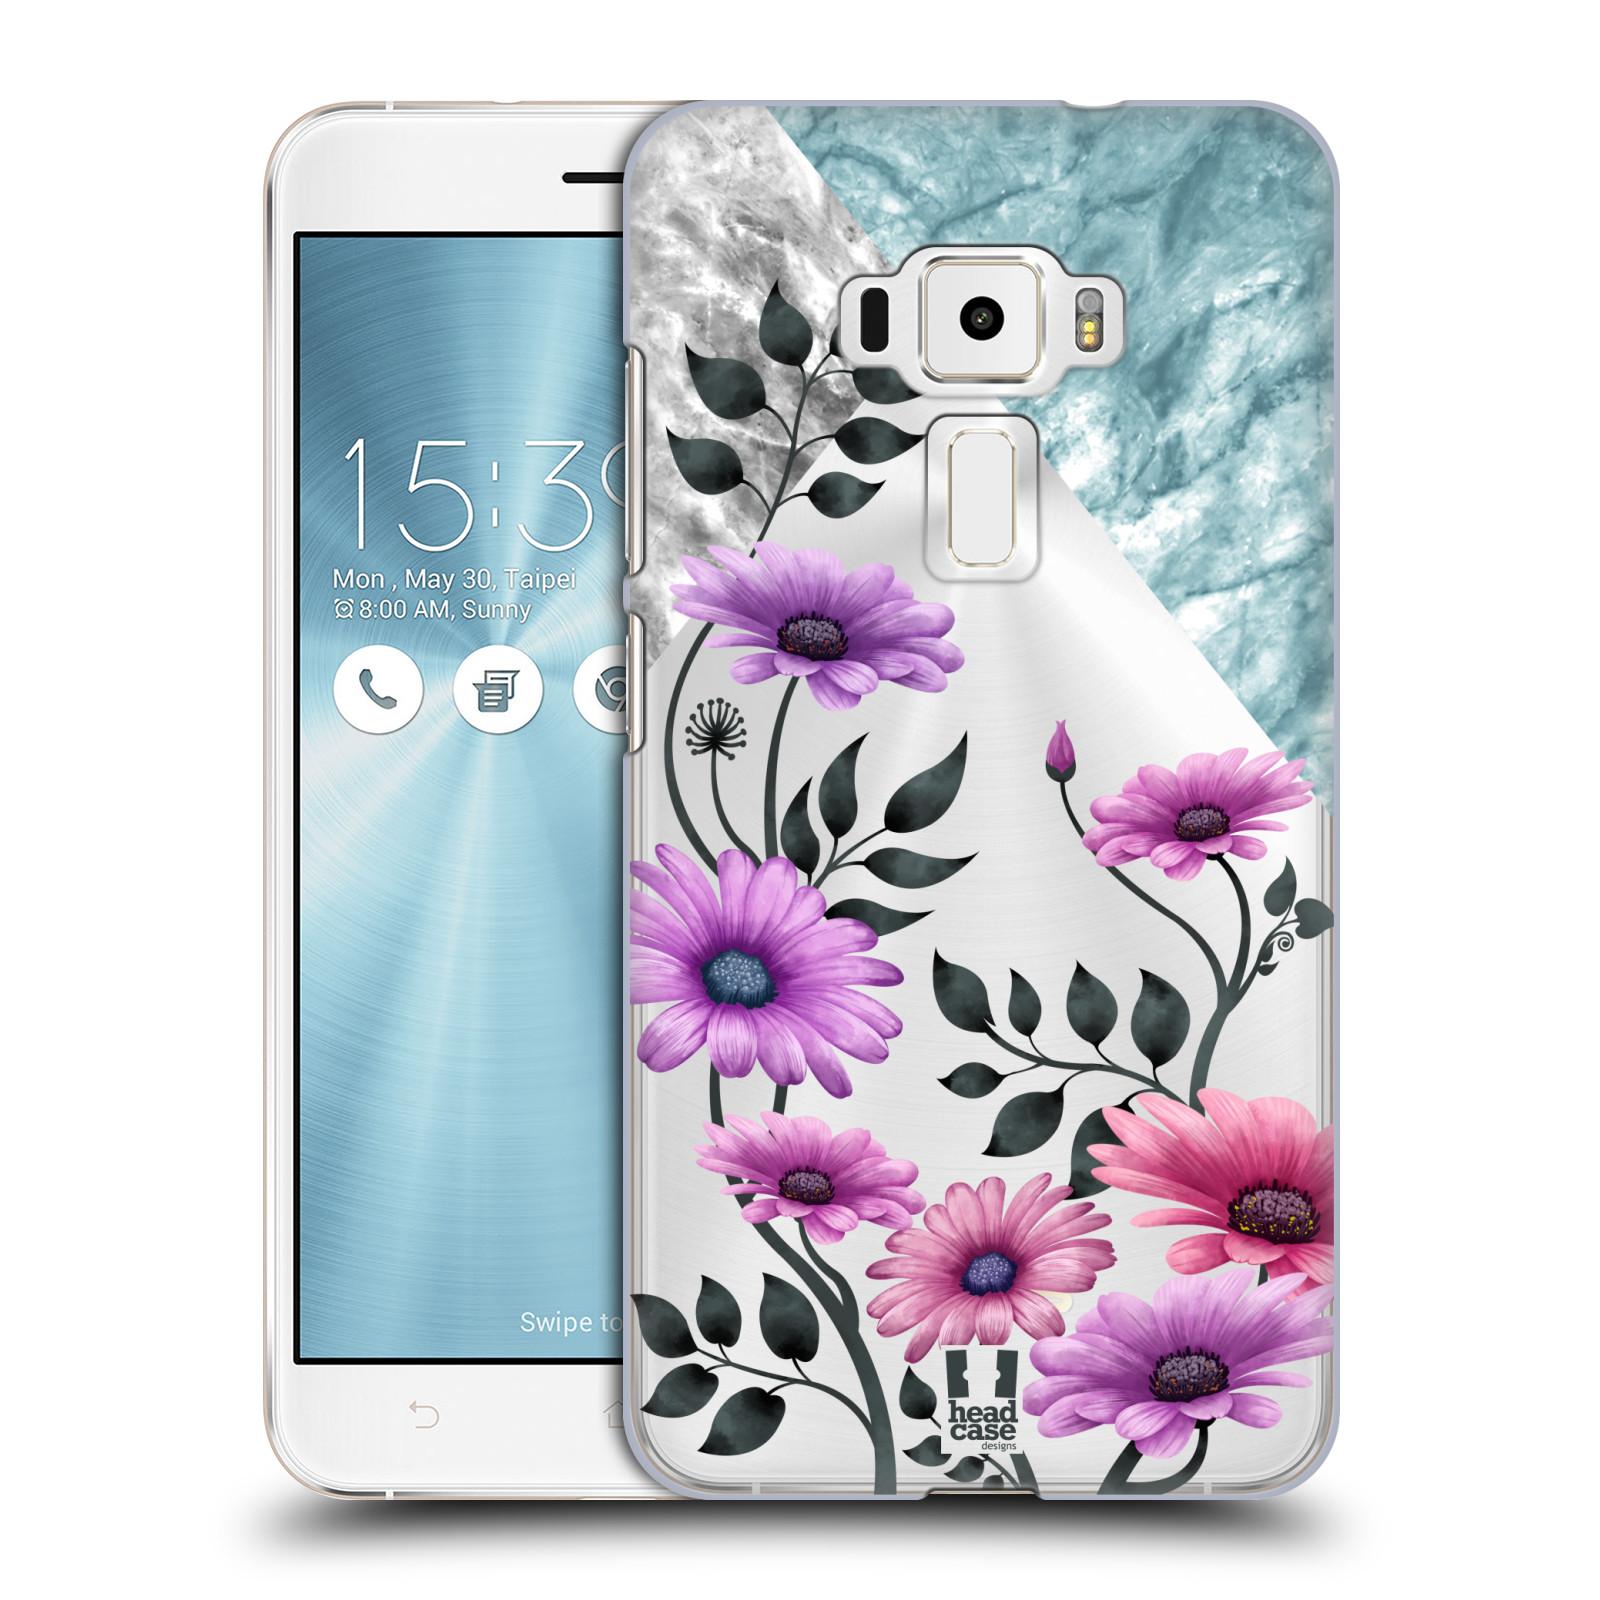 HEAD CASE plastový obal na mobil Asus Zenfone 3 ZE552KL květiny hvězdnice, Aster fialová a modrá